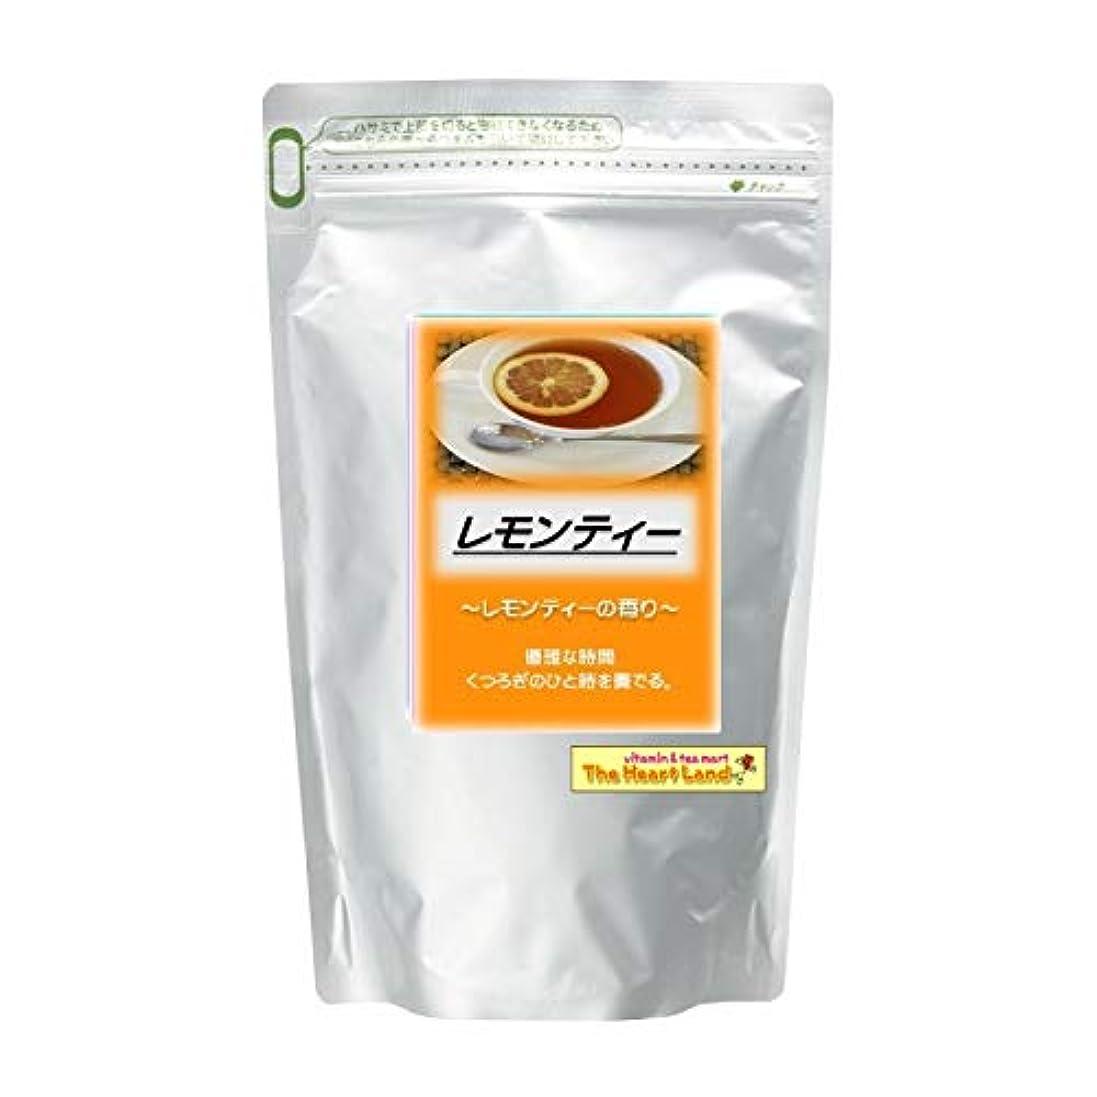 テレビパイロット体操選手アサヒ入浴剤 浴用入浴化粧品 レモンティー 2.5kg